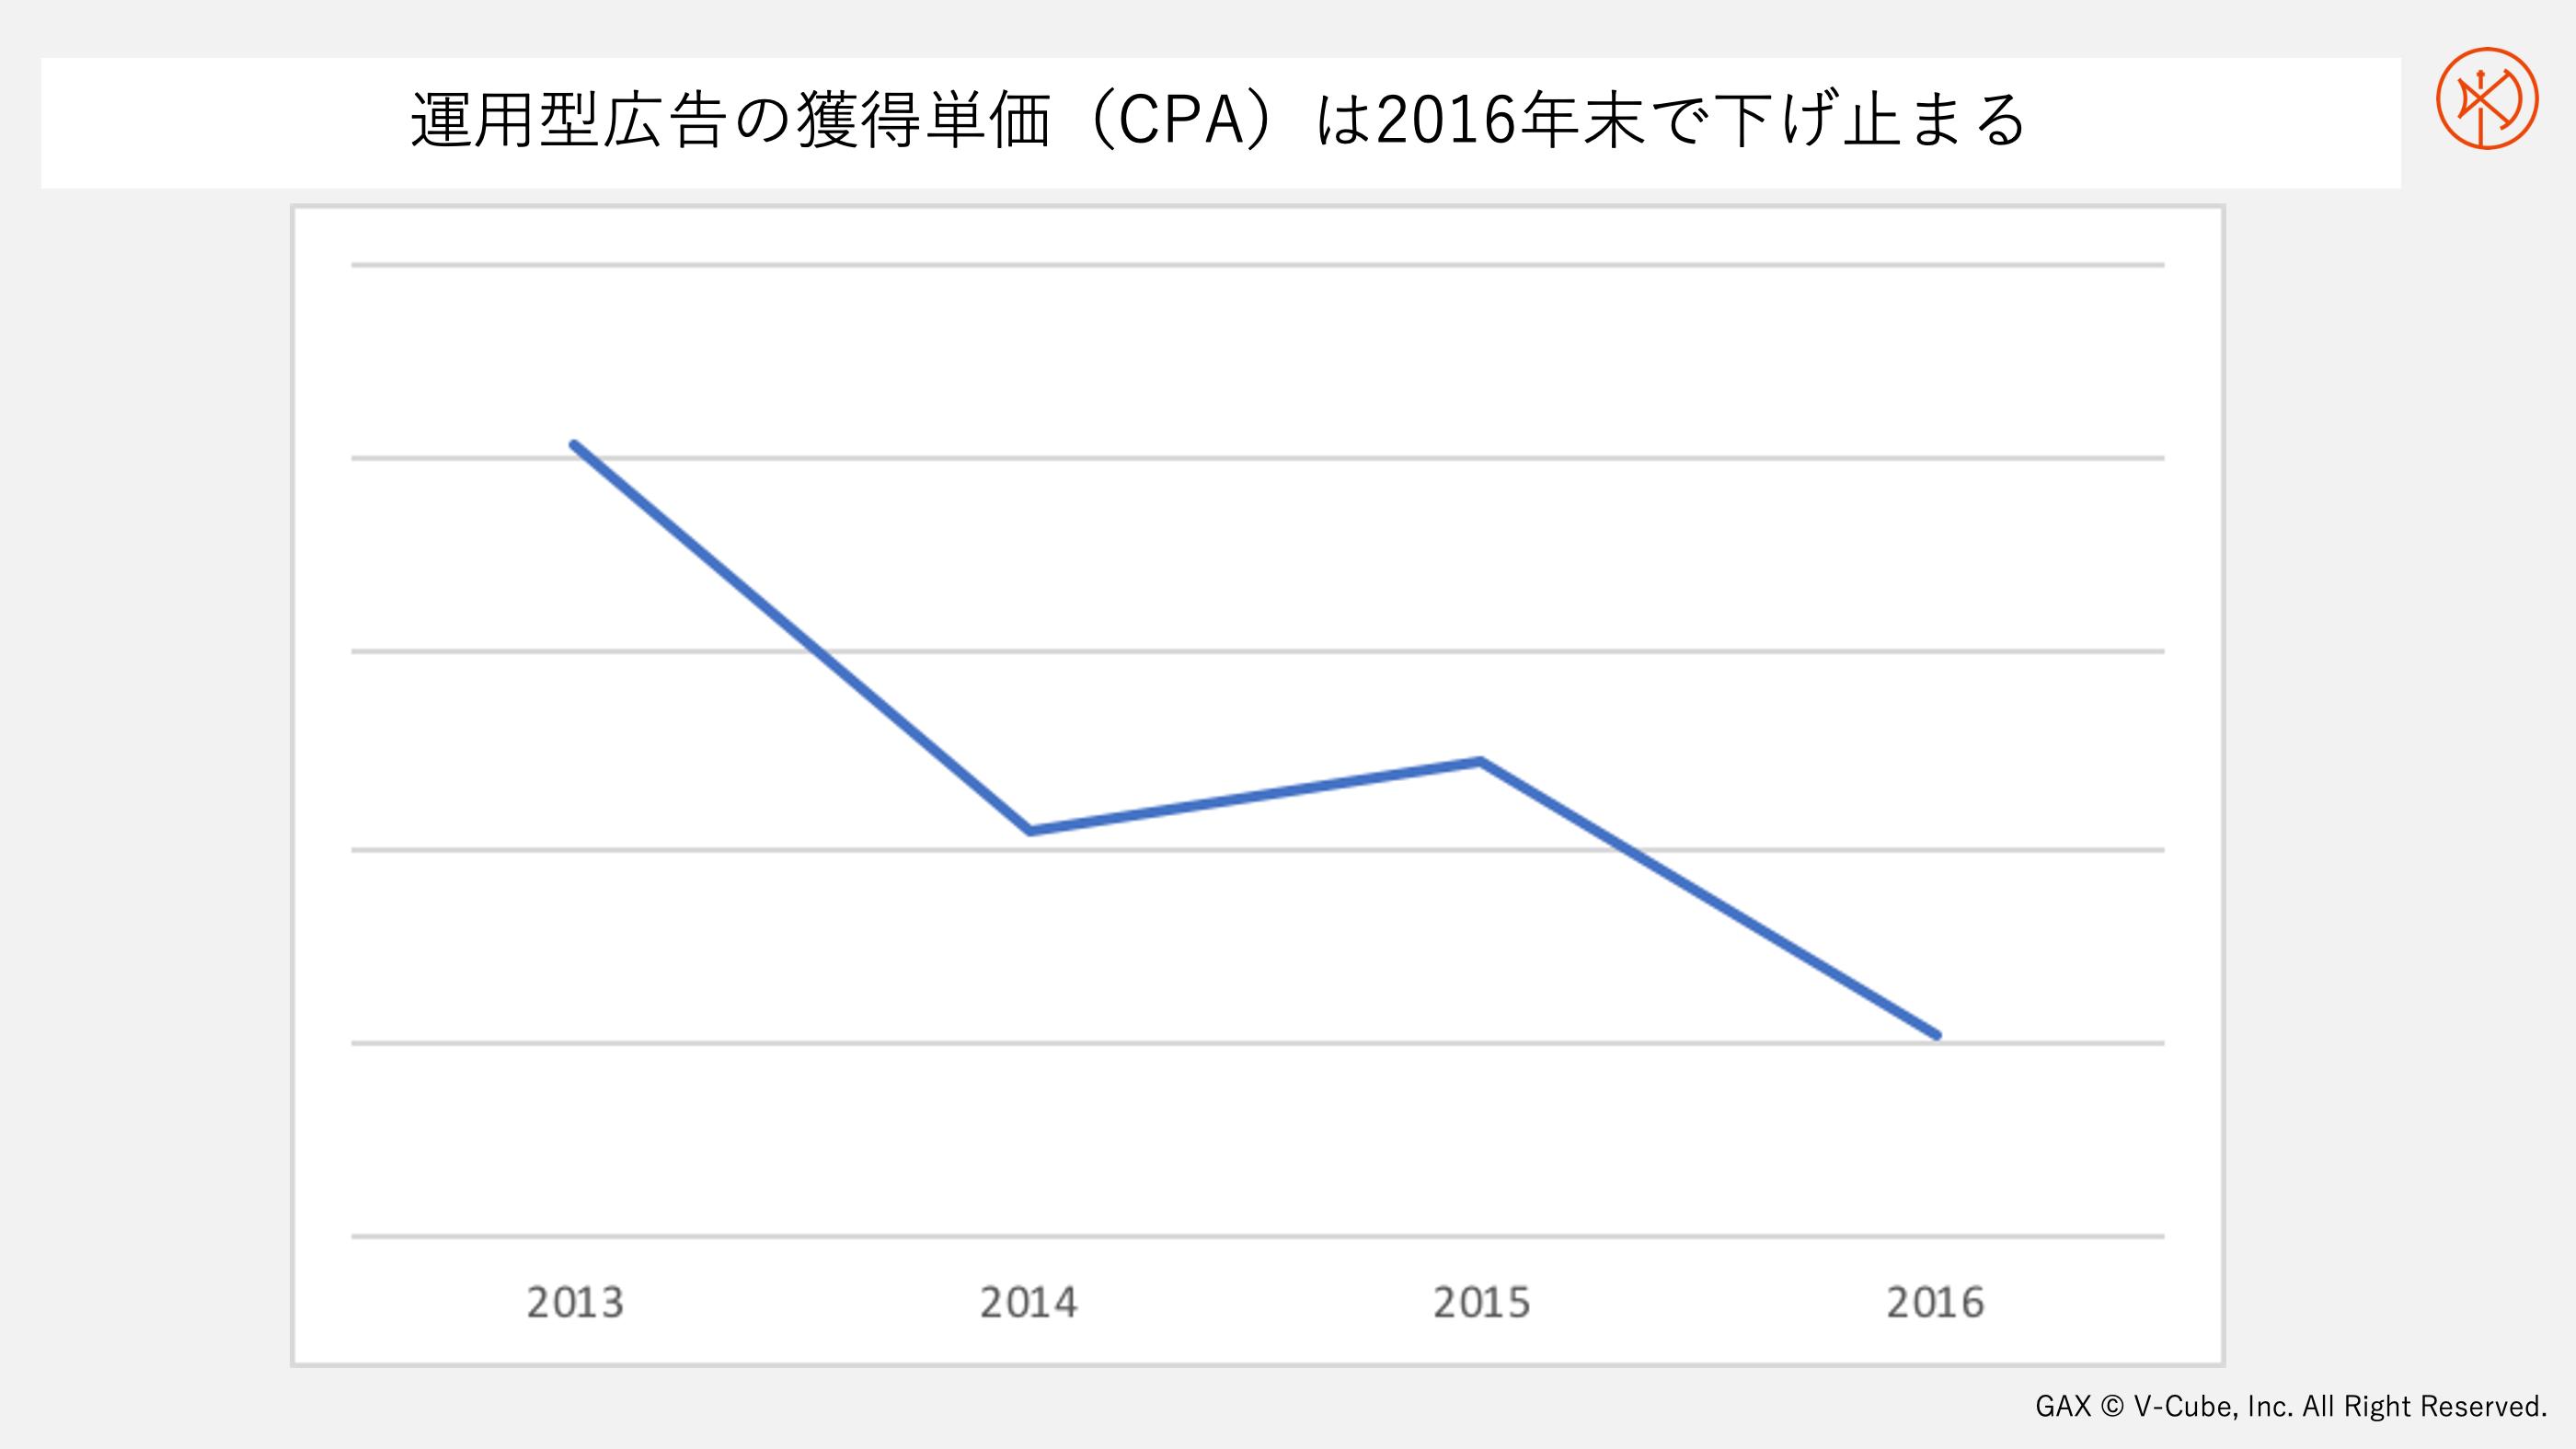 運用型広告の獲得単価(CPA)は2016年末で下げ止まる